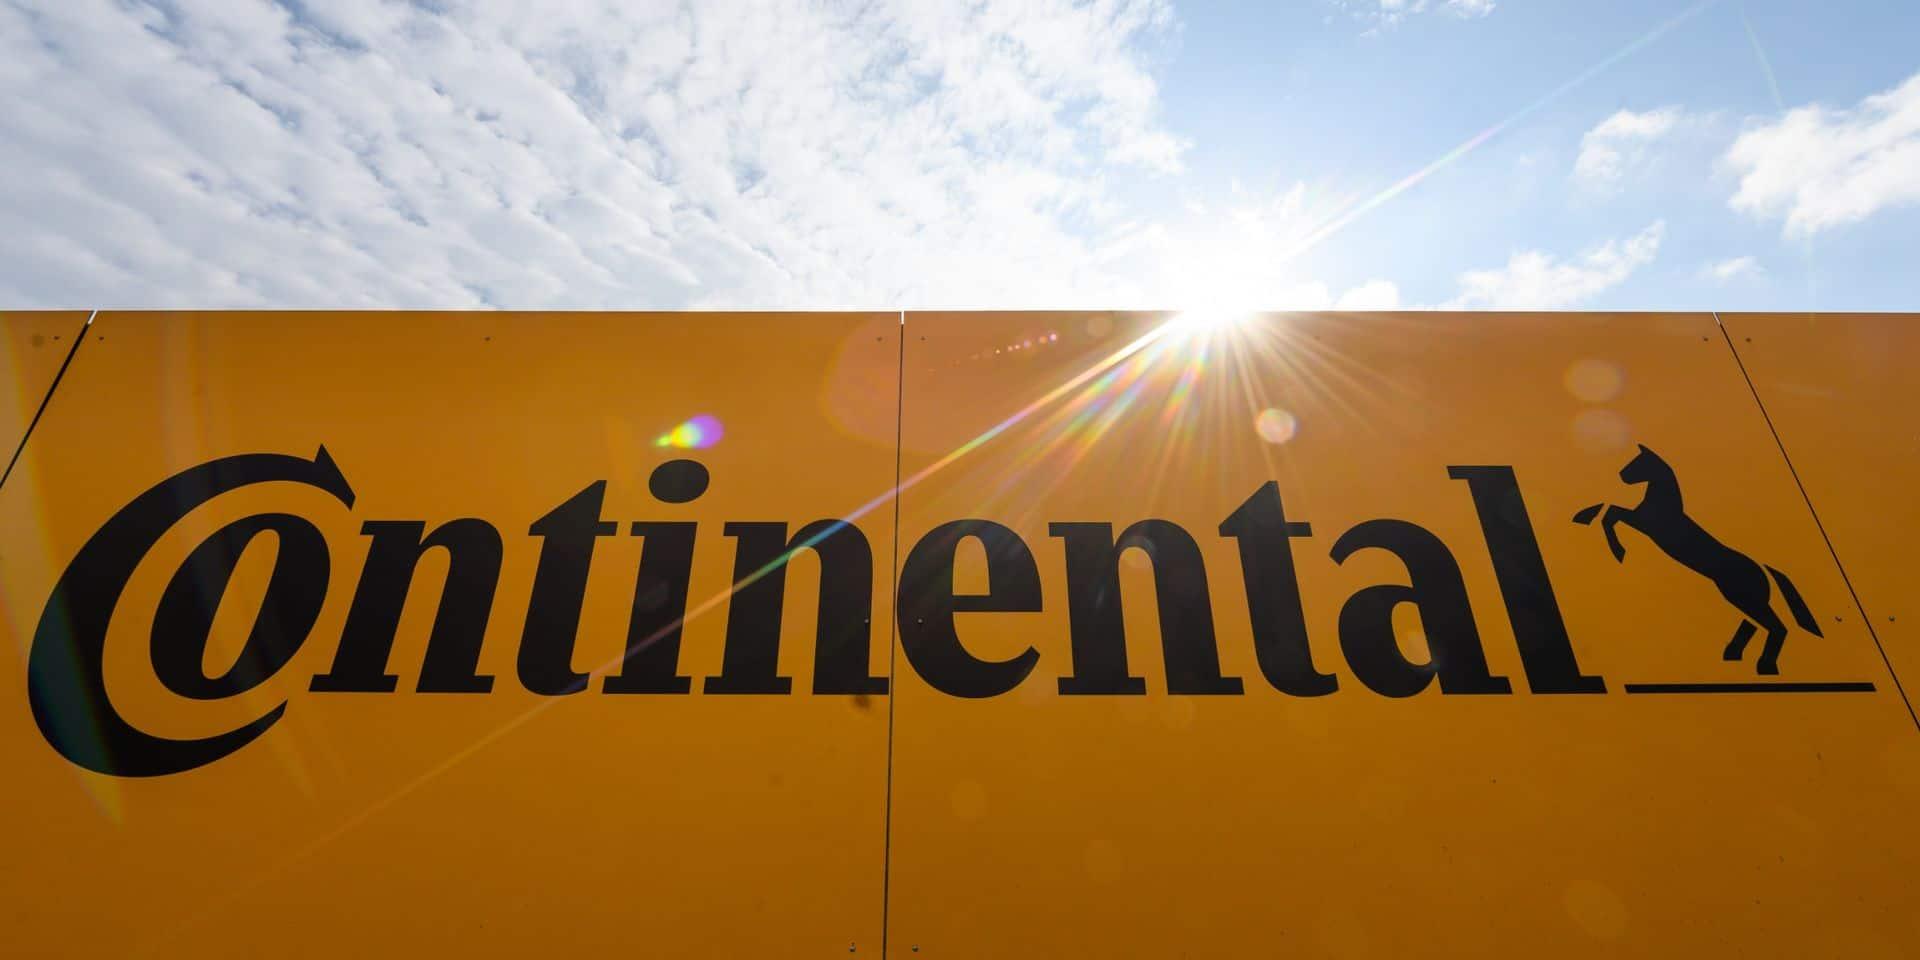 140 emplois menacés chez Continental à Malines